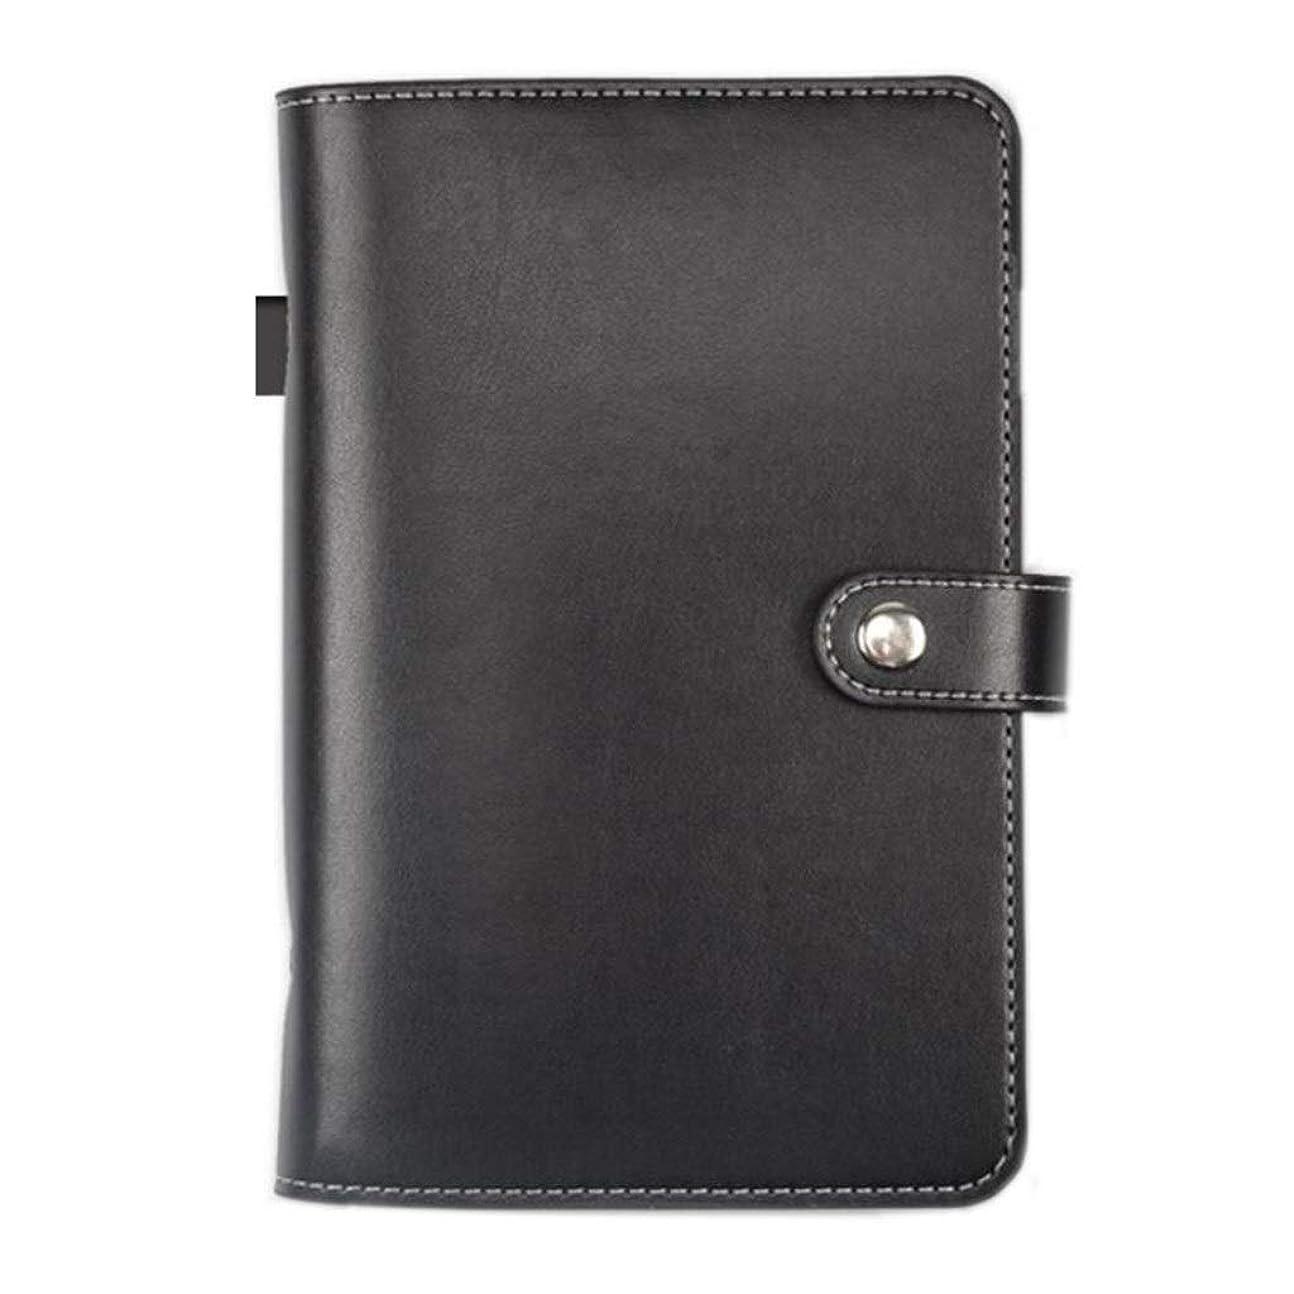 ハンドブック - ノートブックA6、ルーズリーフオフィススモールノートブックレトロクリエイティブハンドアカウント日記、2個 (Color : Black)